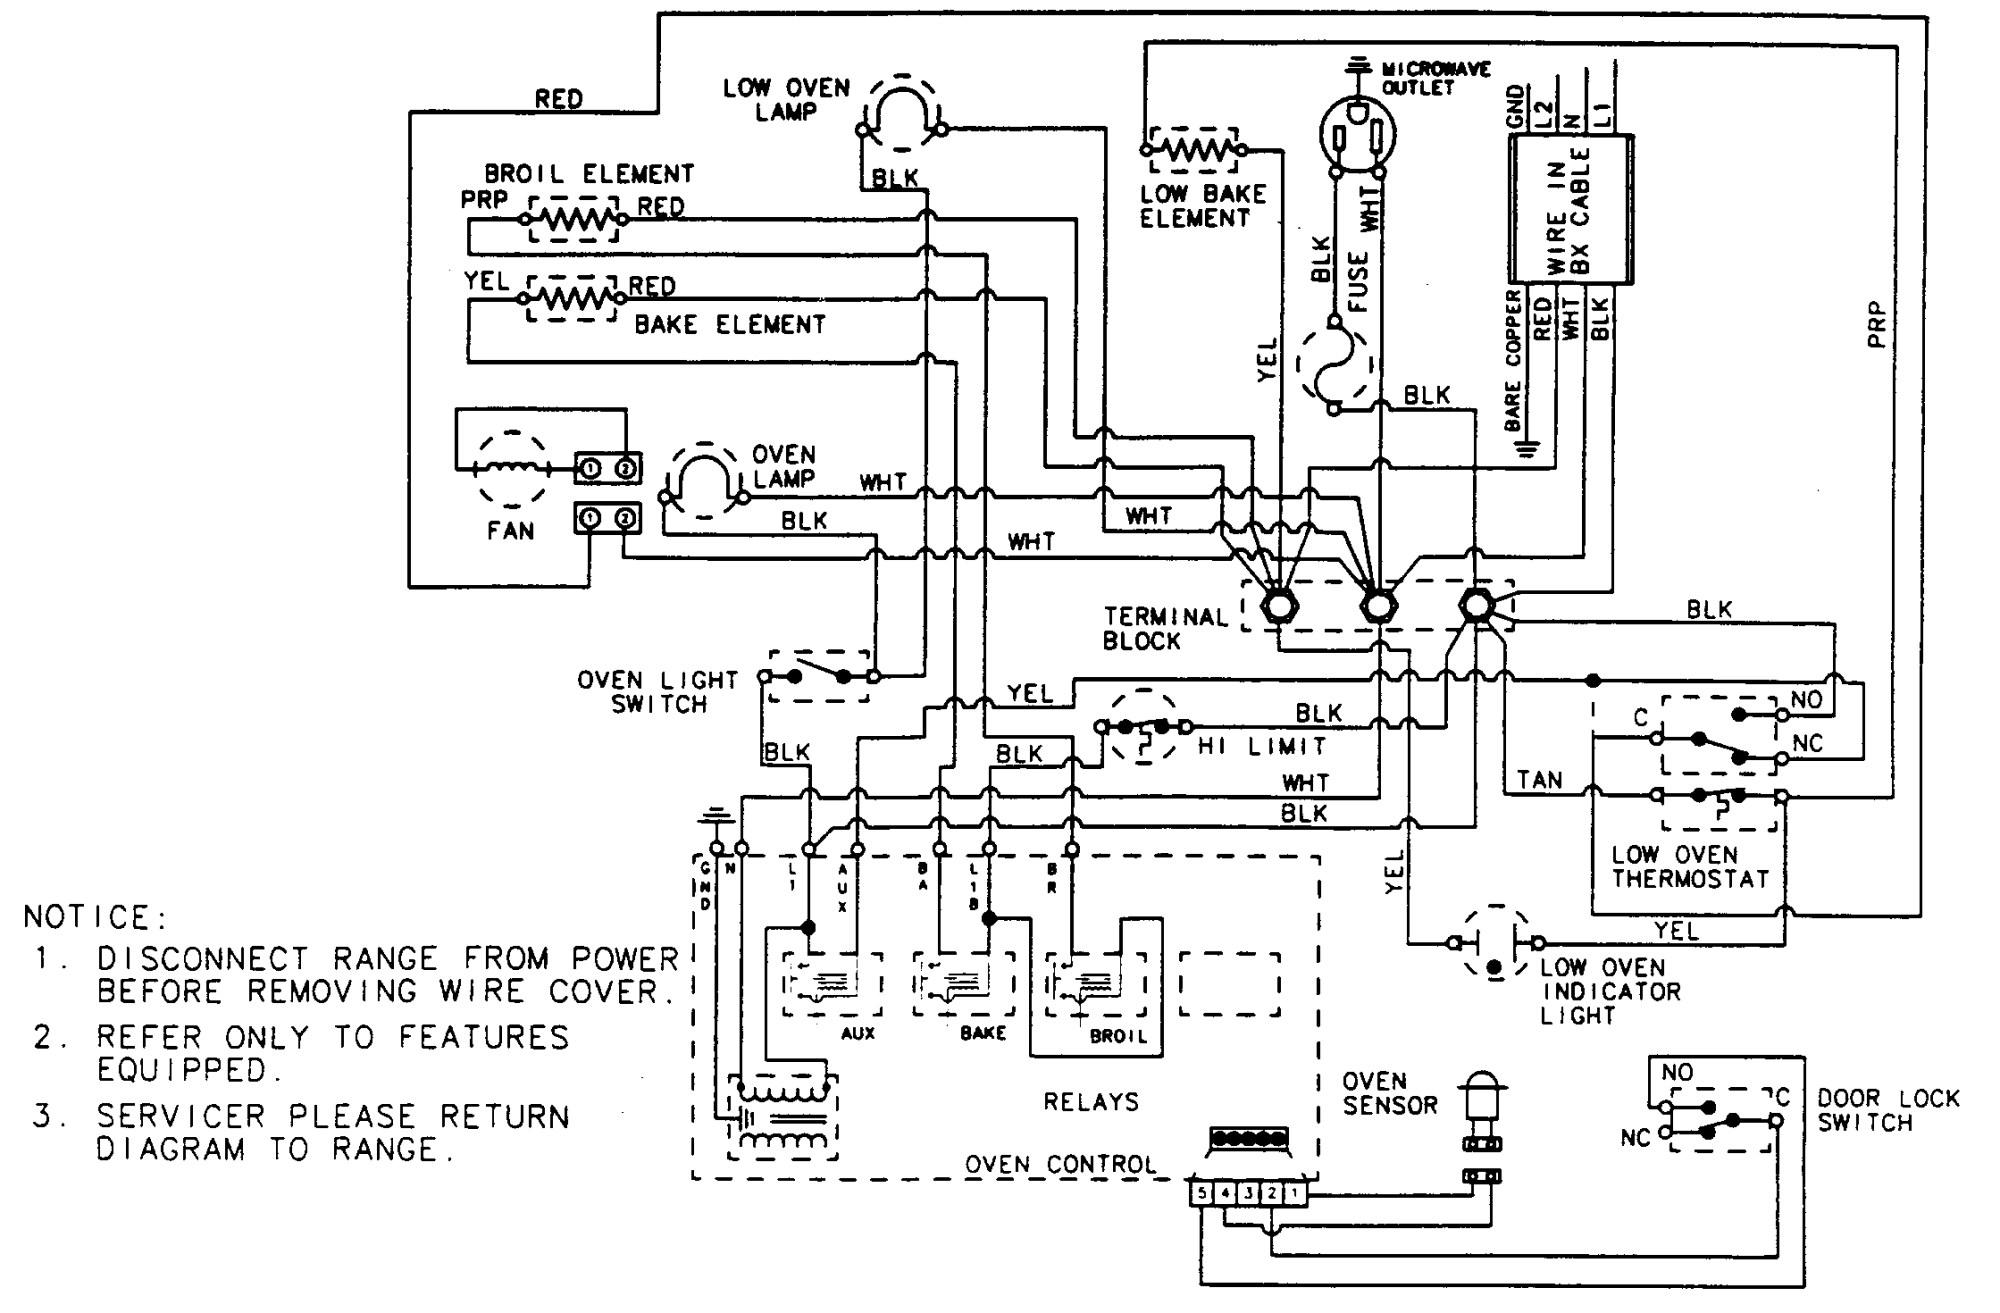 hight resolution of control transformer wiring schematics schematic diagrams transformer banking diagrams control transformer wiring schematic